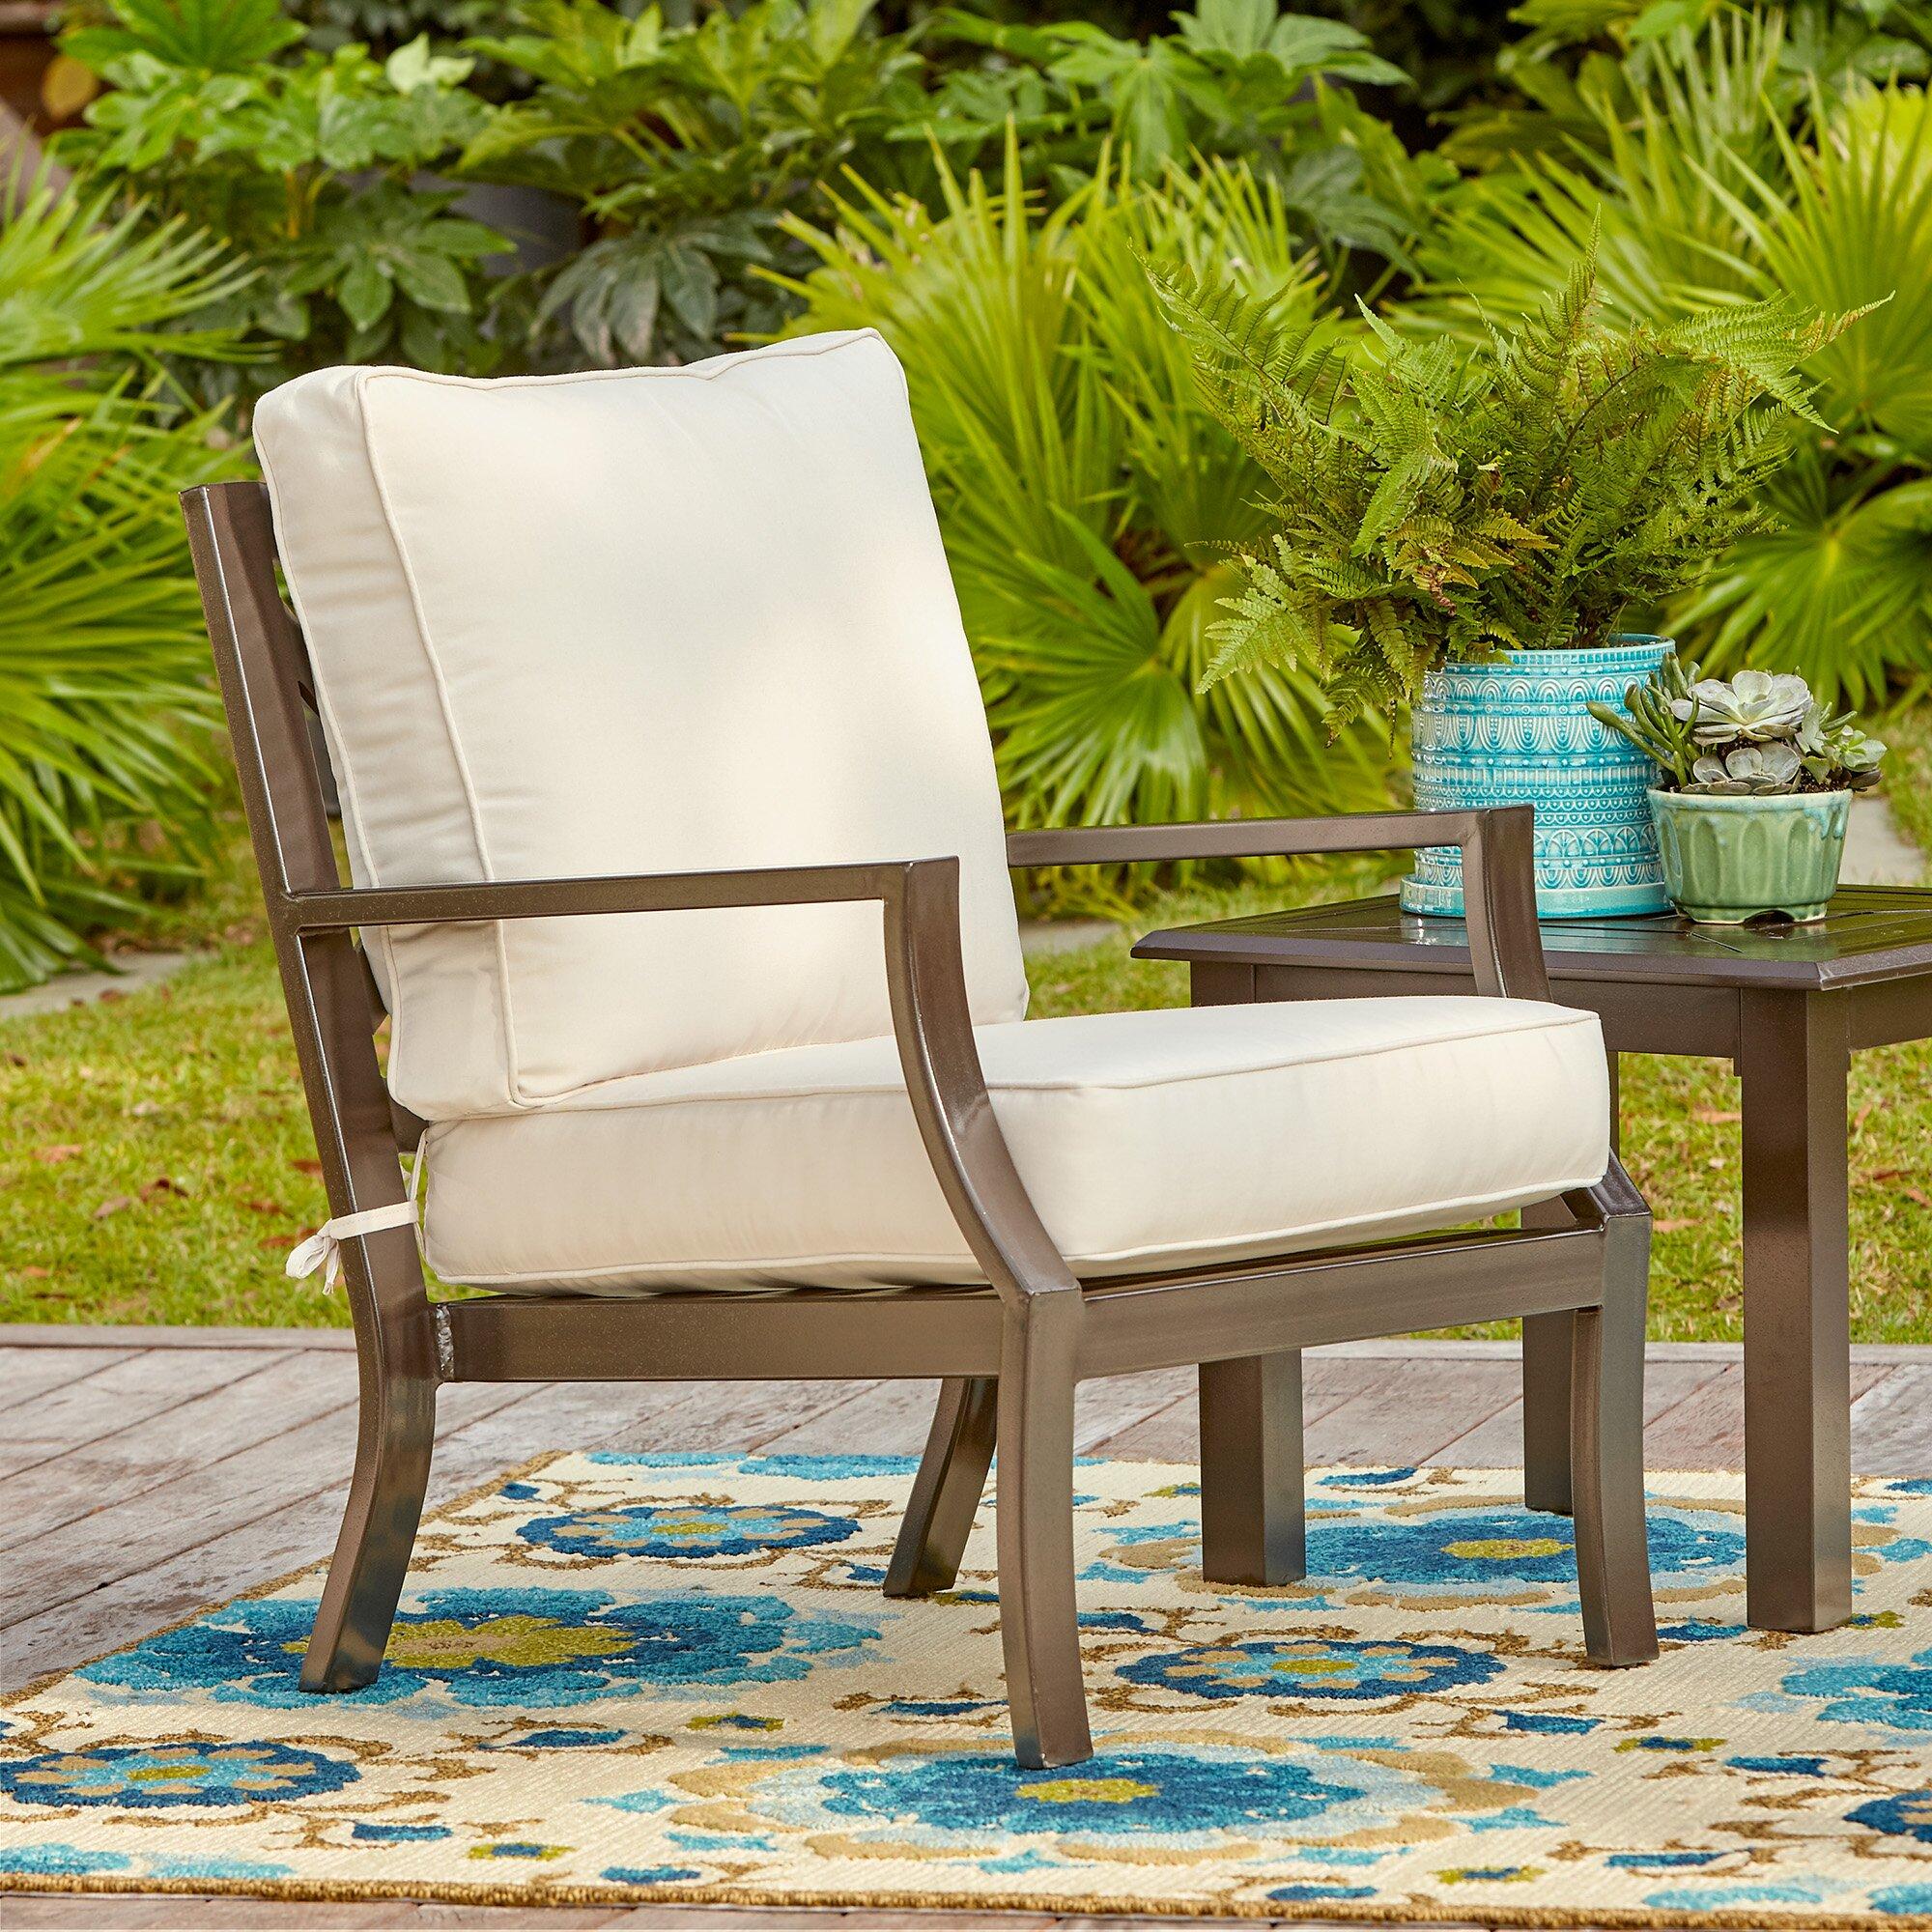 Birch Lane Endicott Chair With Sunbrella Cushions